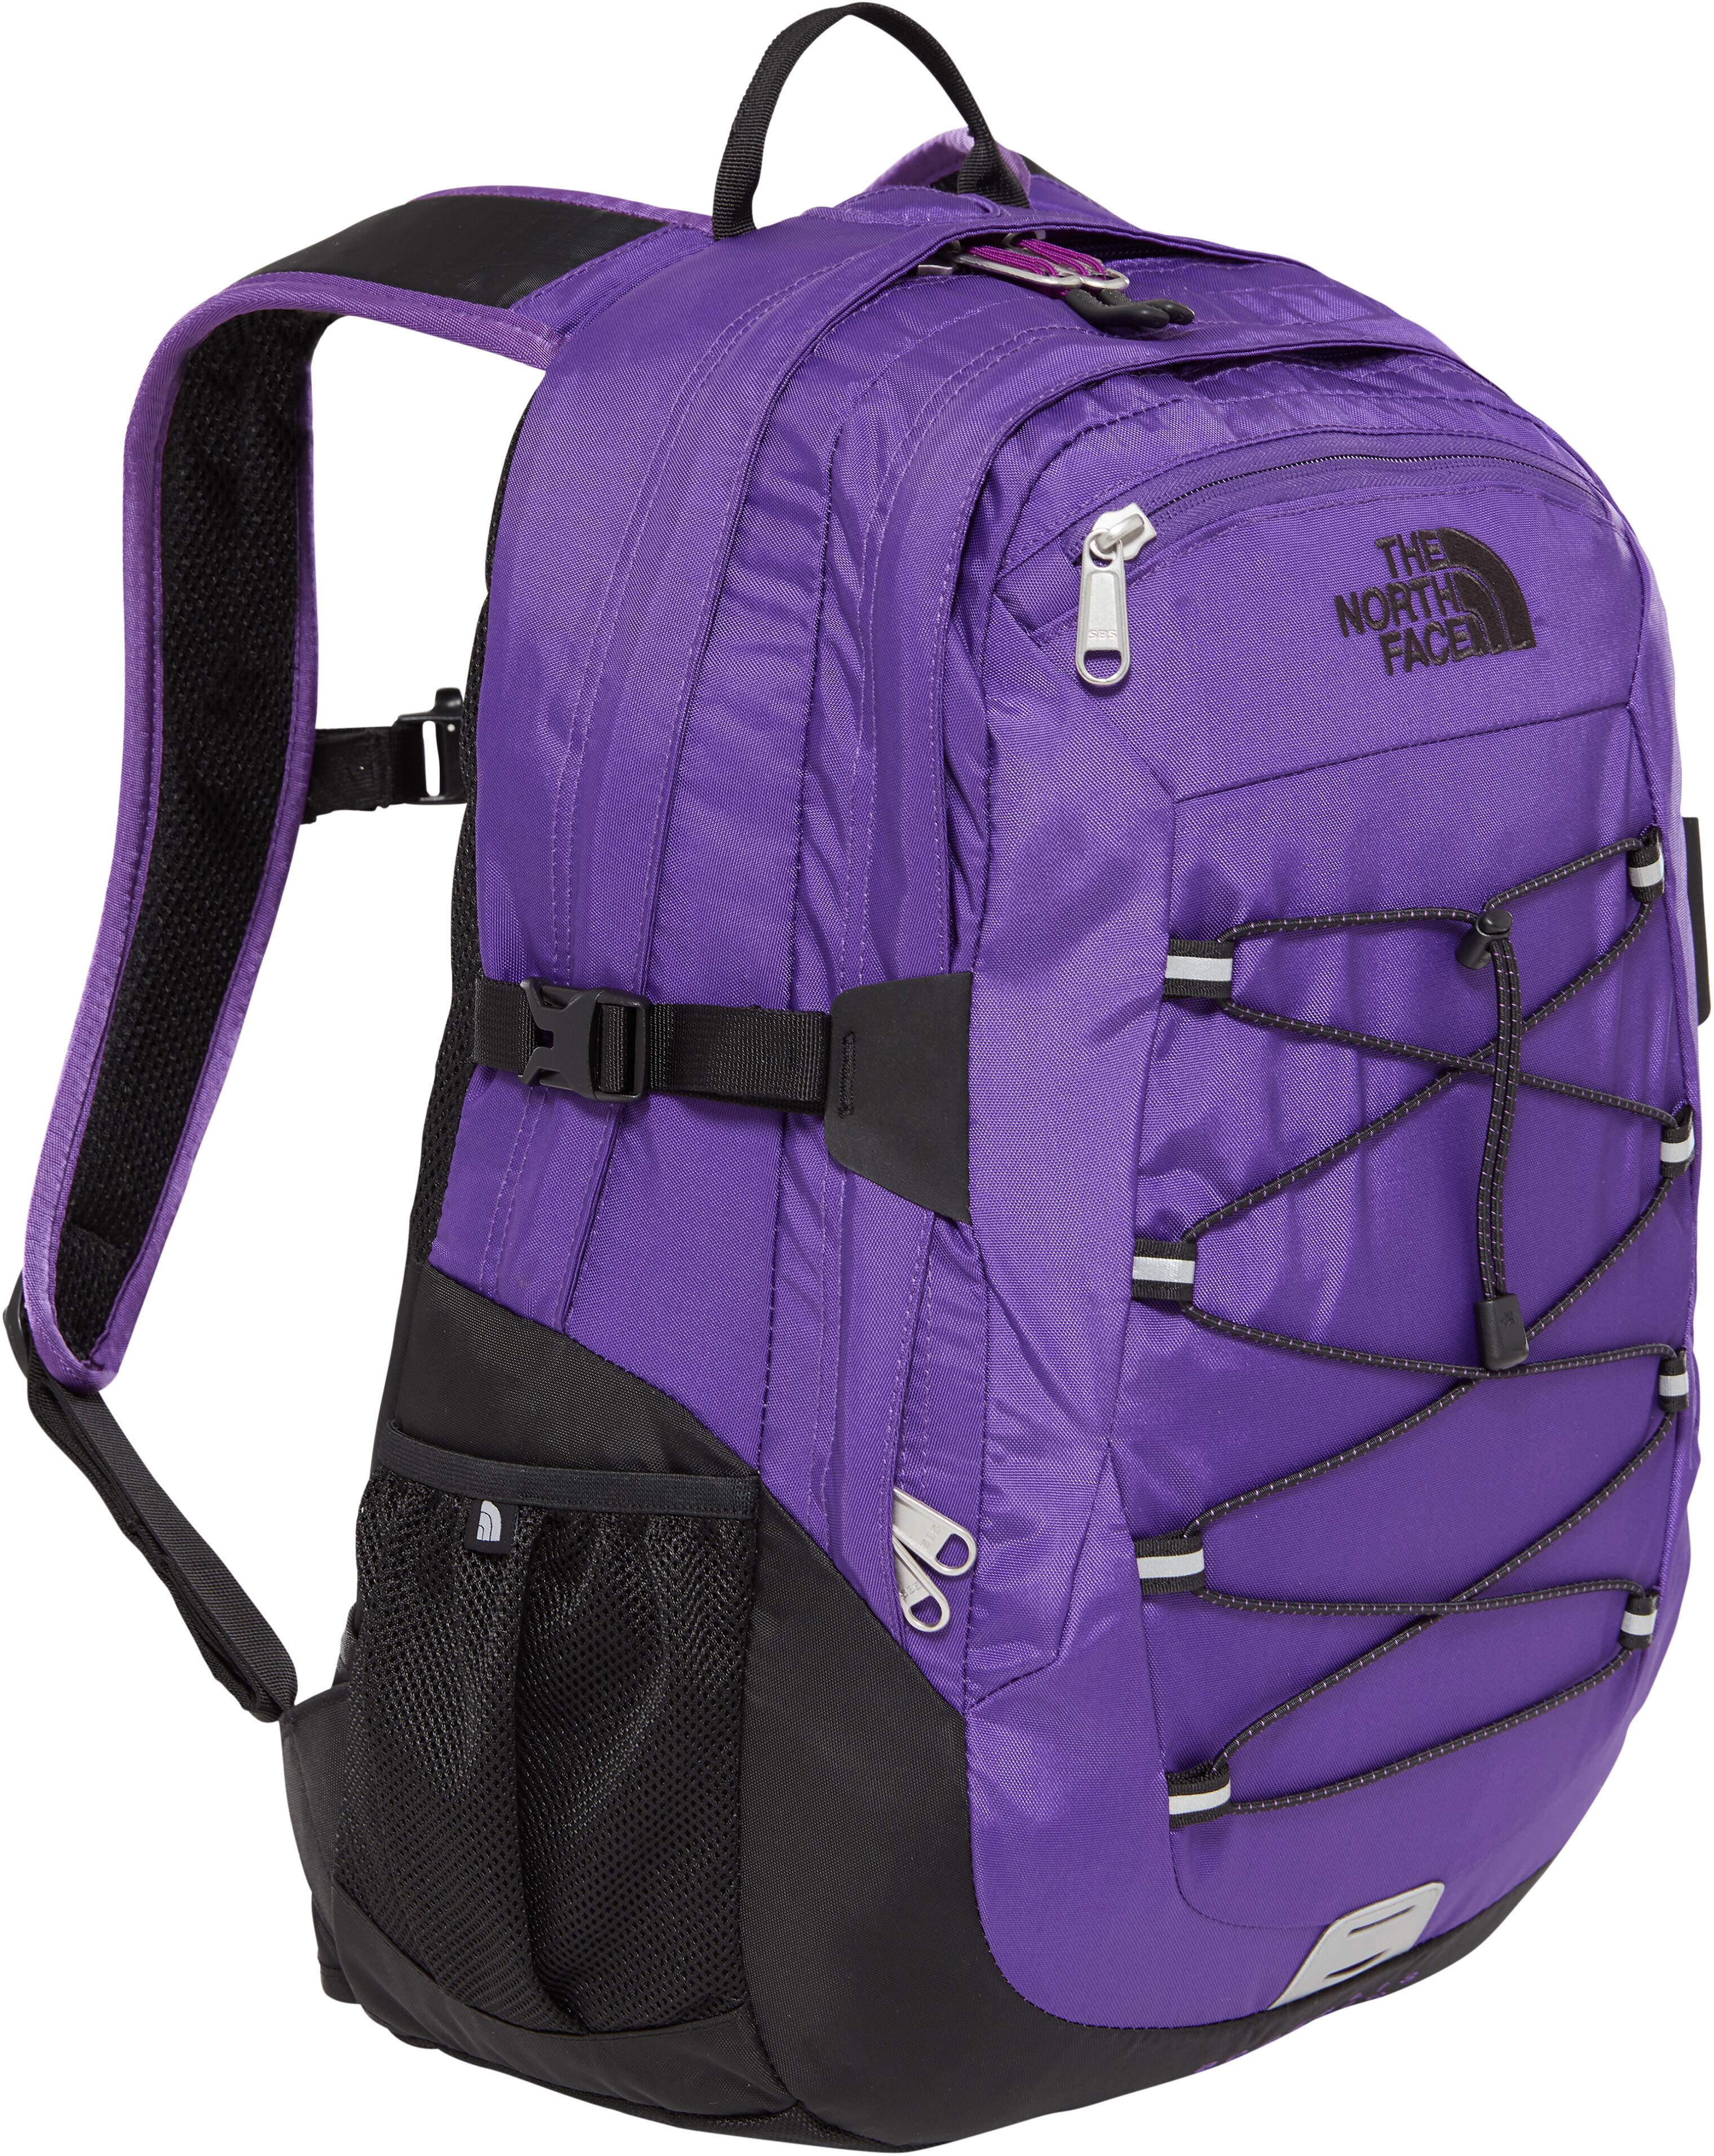 f51f57d81e7 The North Face Borealis Classic rugzak 29l violet/zwart l Online ...